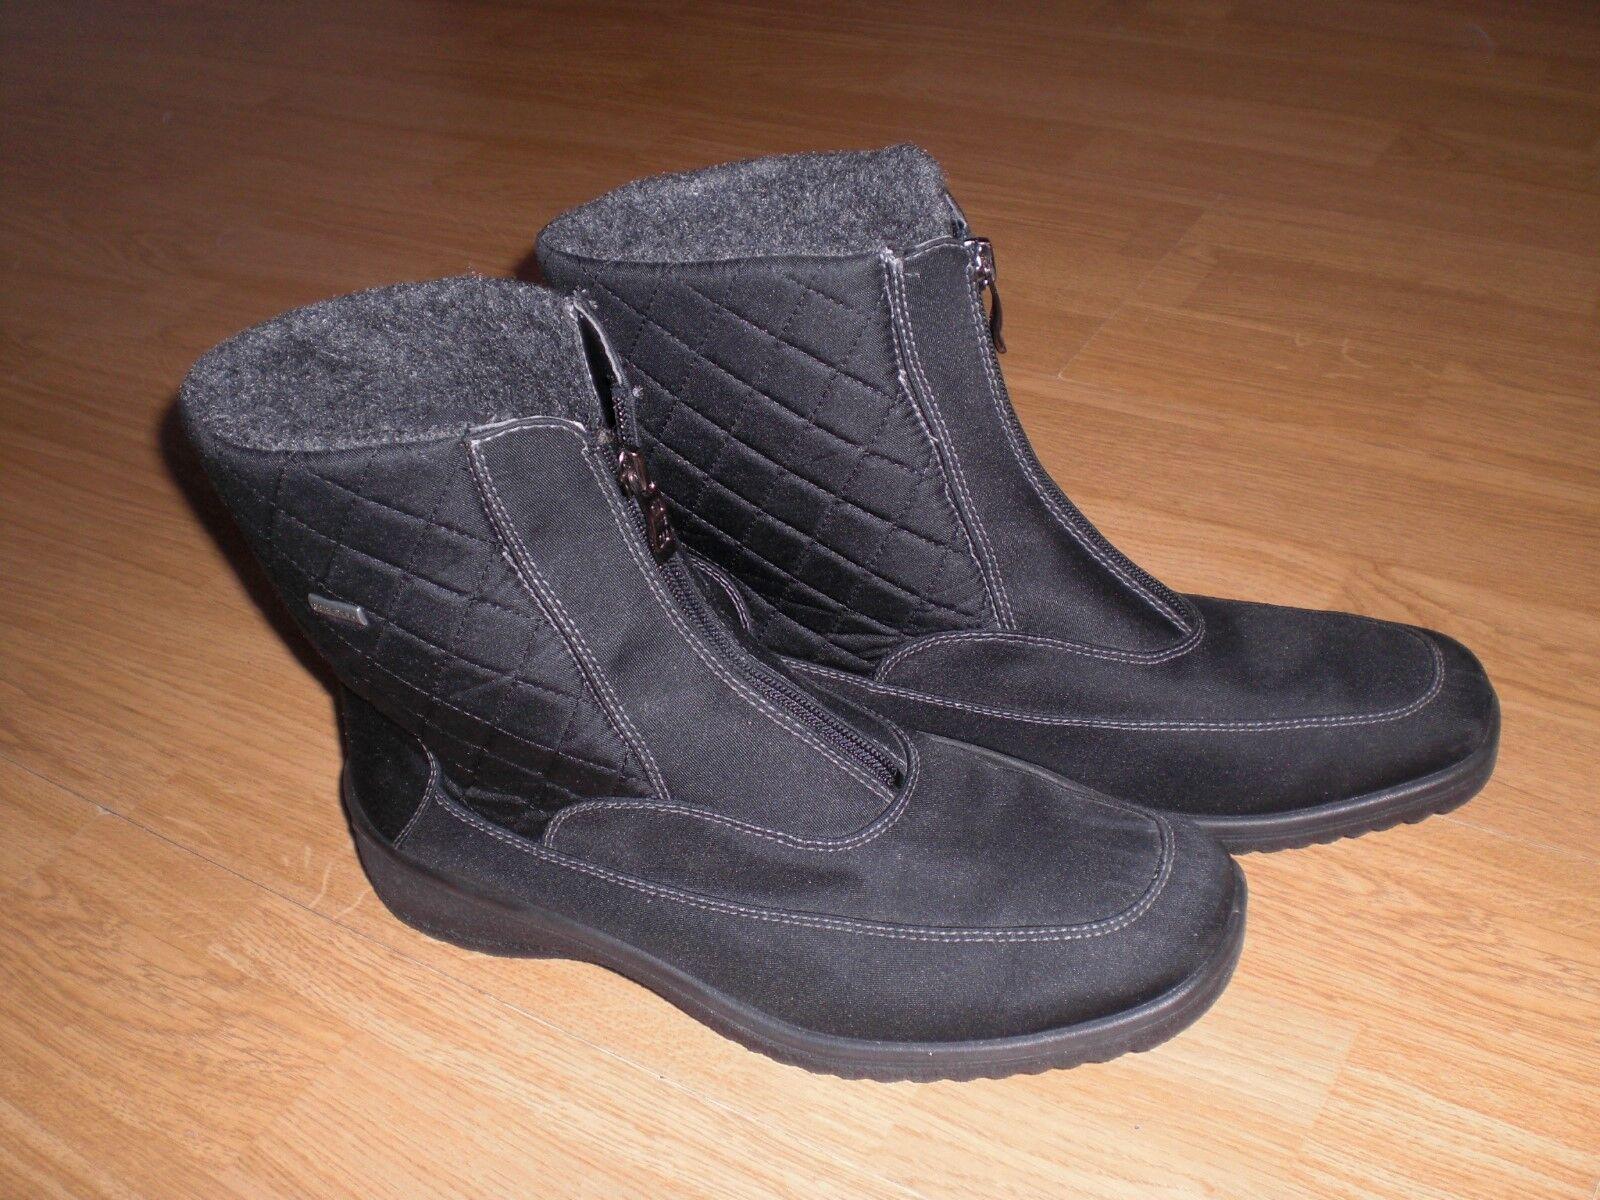 Stiefel von ara (Goretex) in Größe 6 1/2 (= (= (= 40), Weite H, neuwertig 48590b